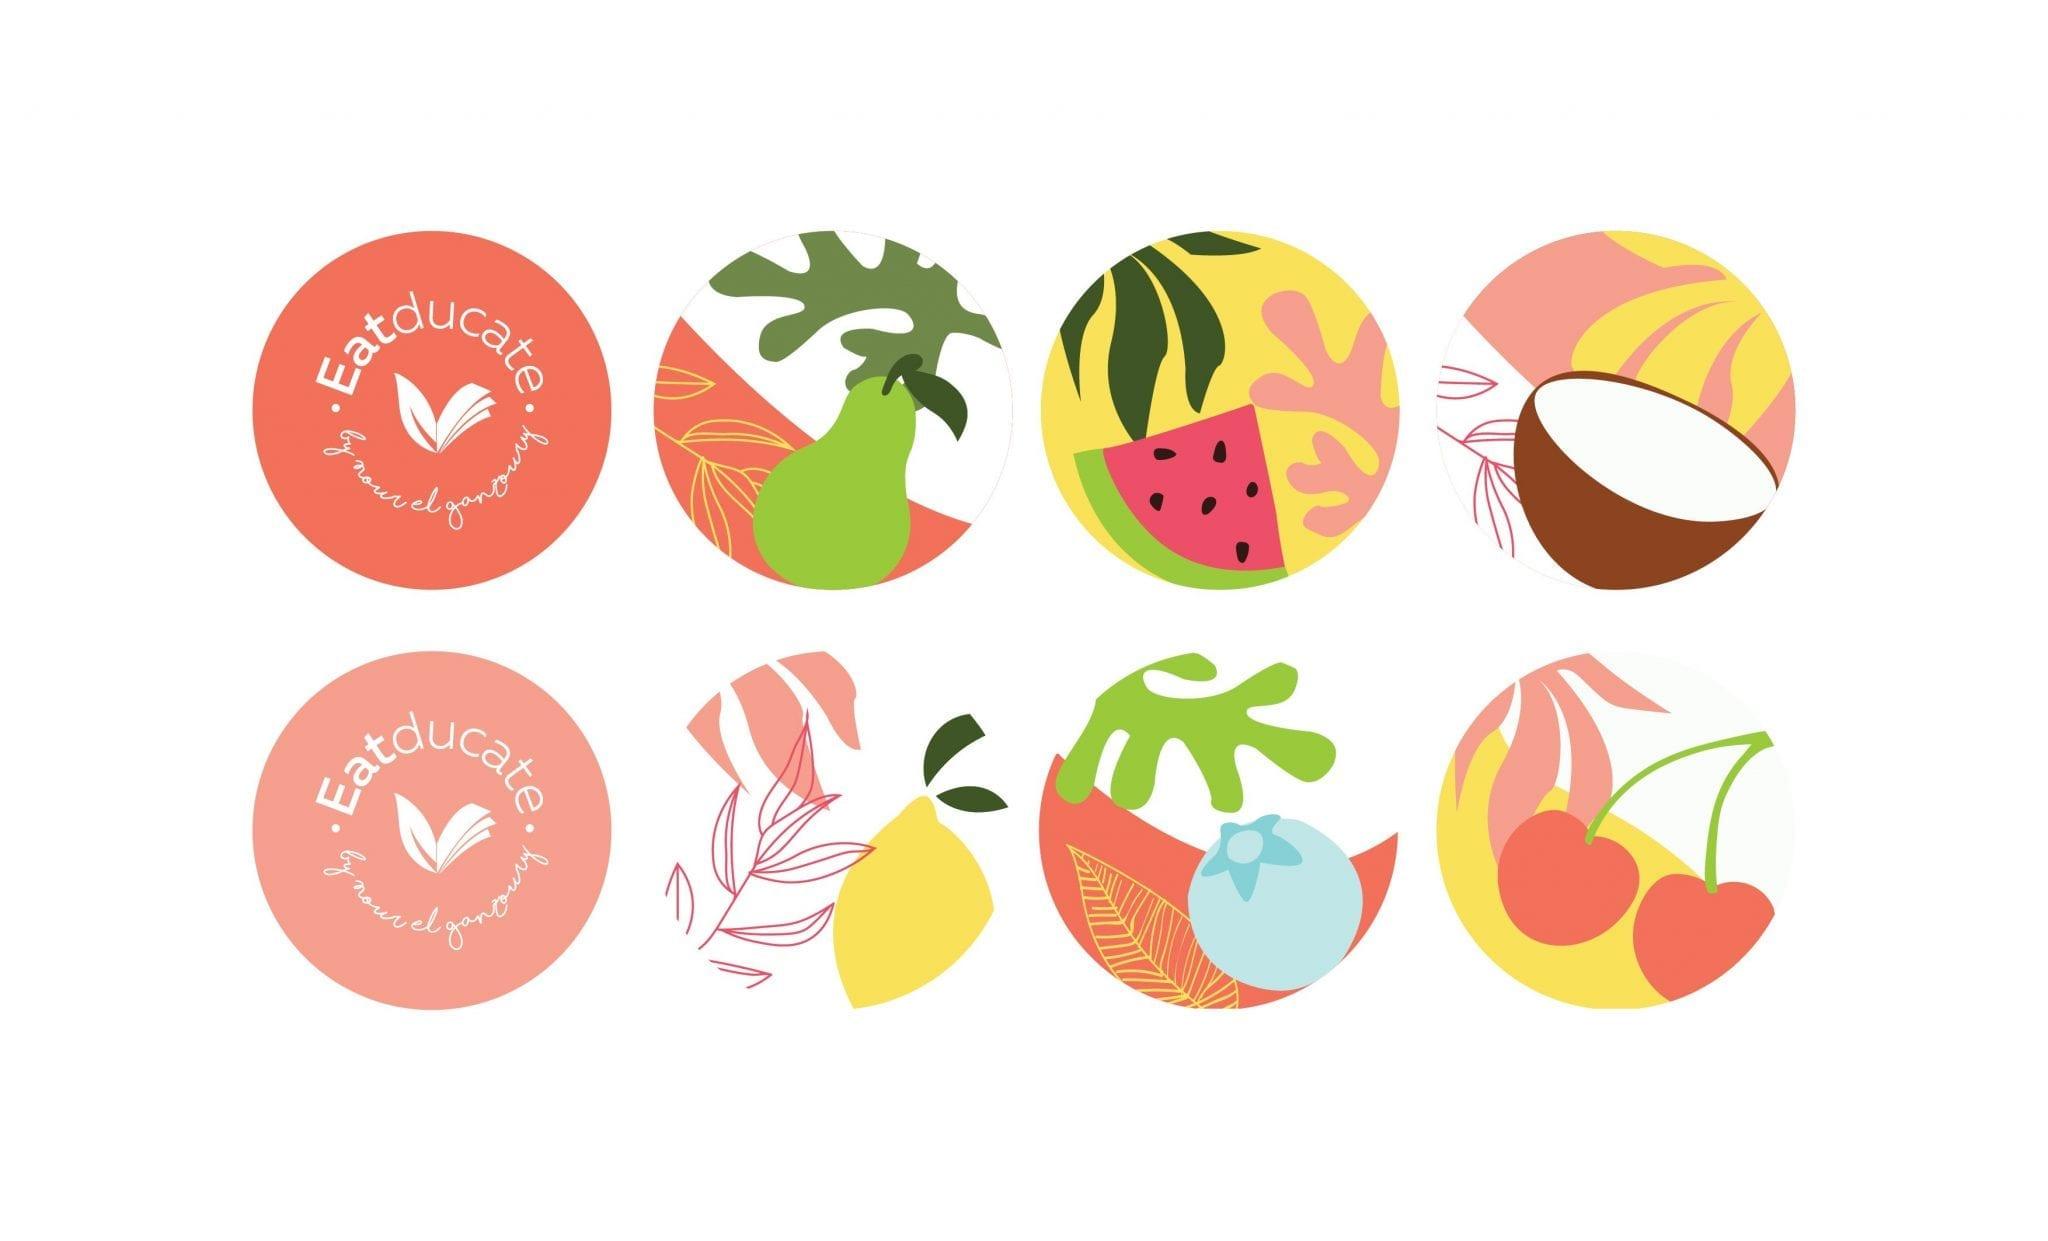 Eatducate Branding jpegs8